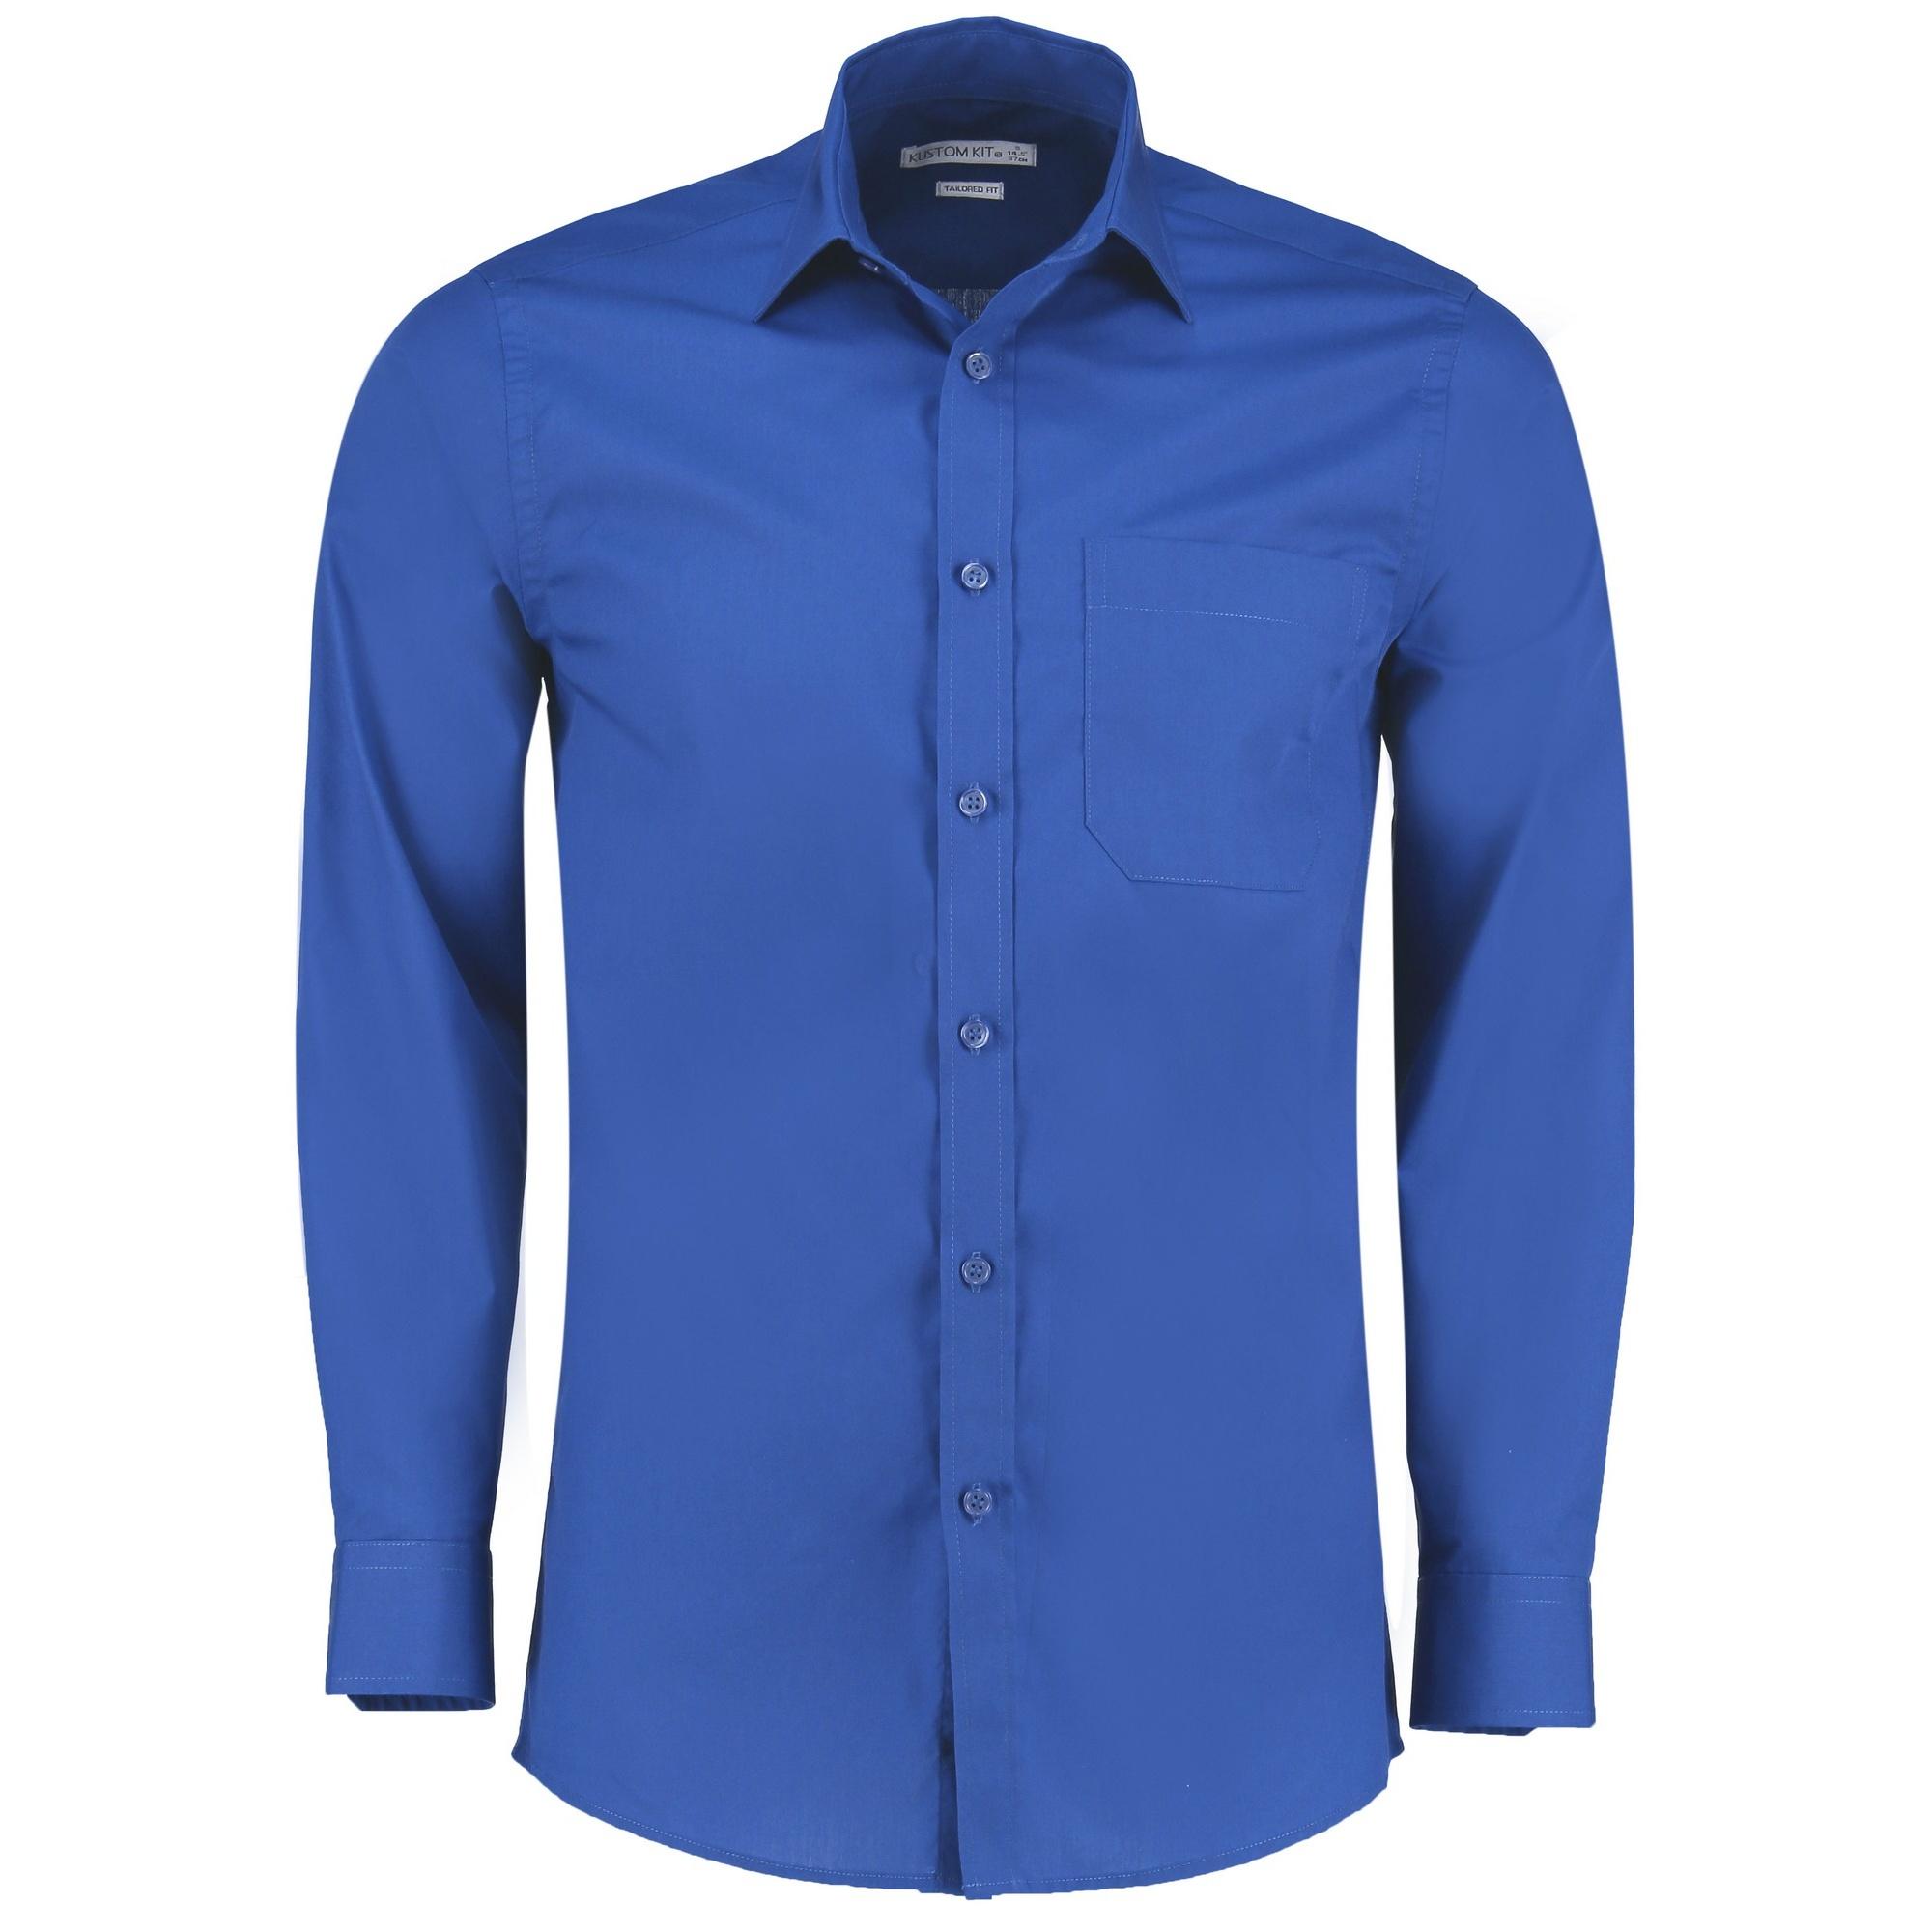 Kustom Kit Mens Long Sleeve Poplin Shirt (22) (Royal)